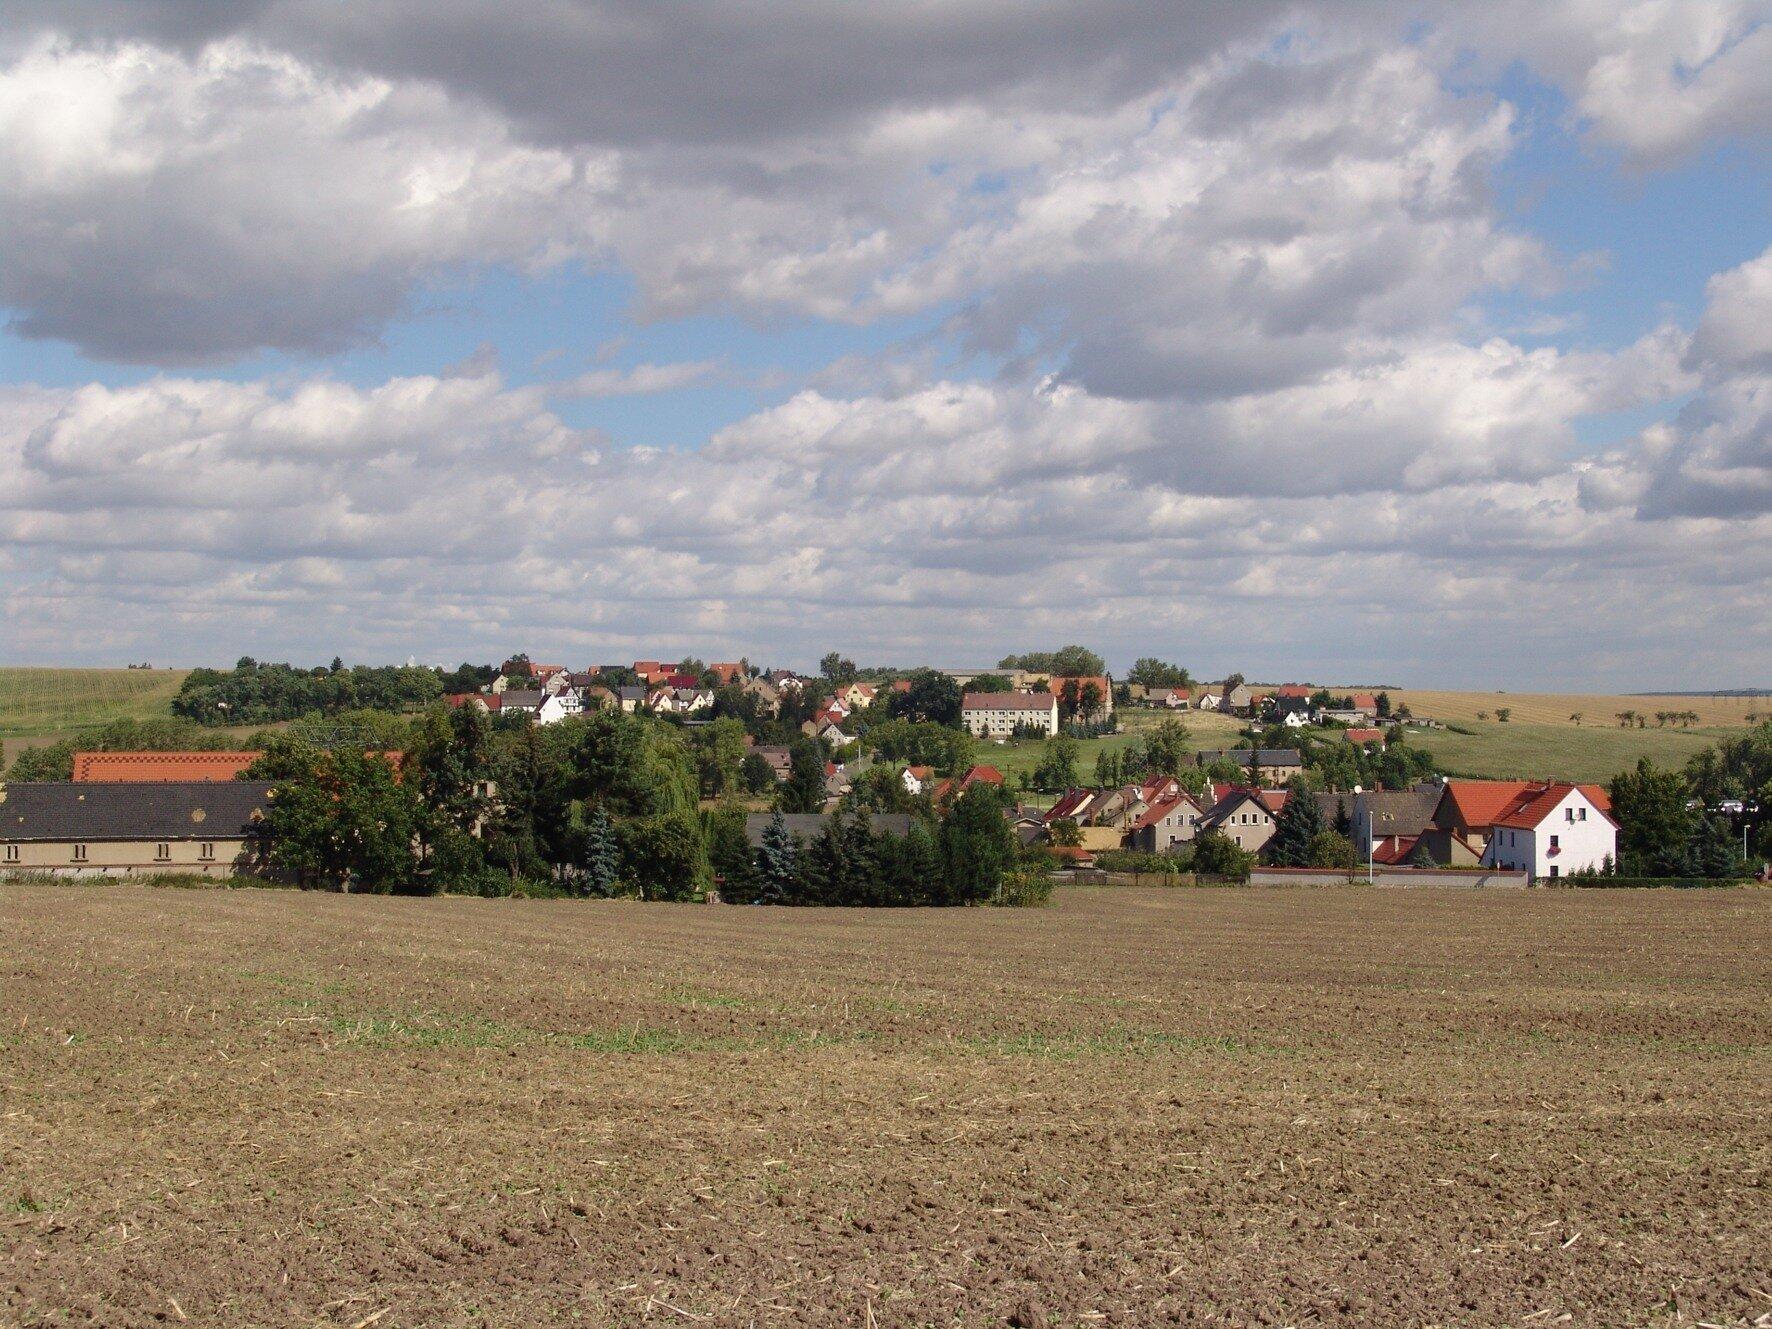 Zetscha